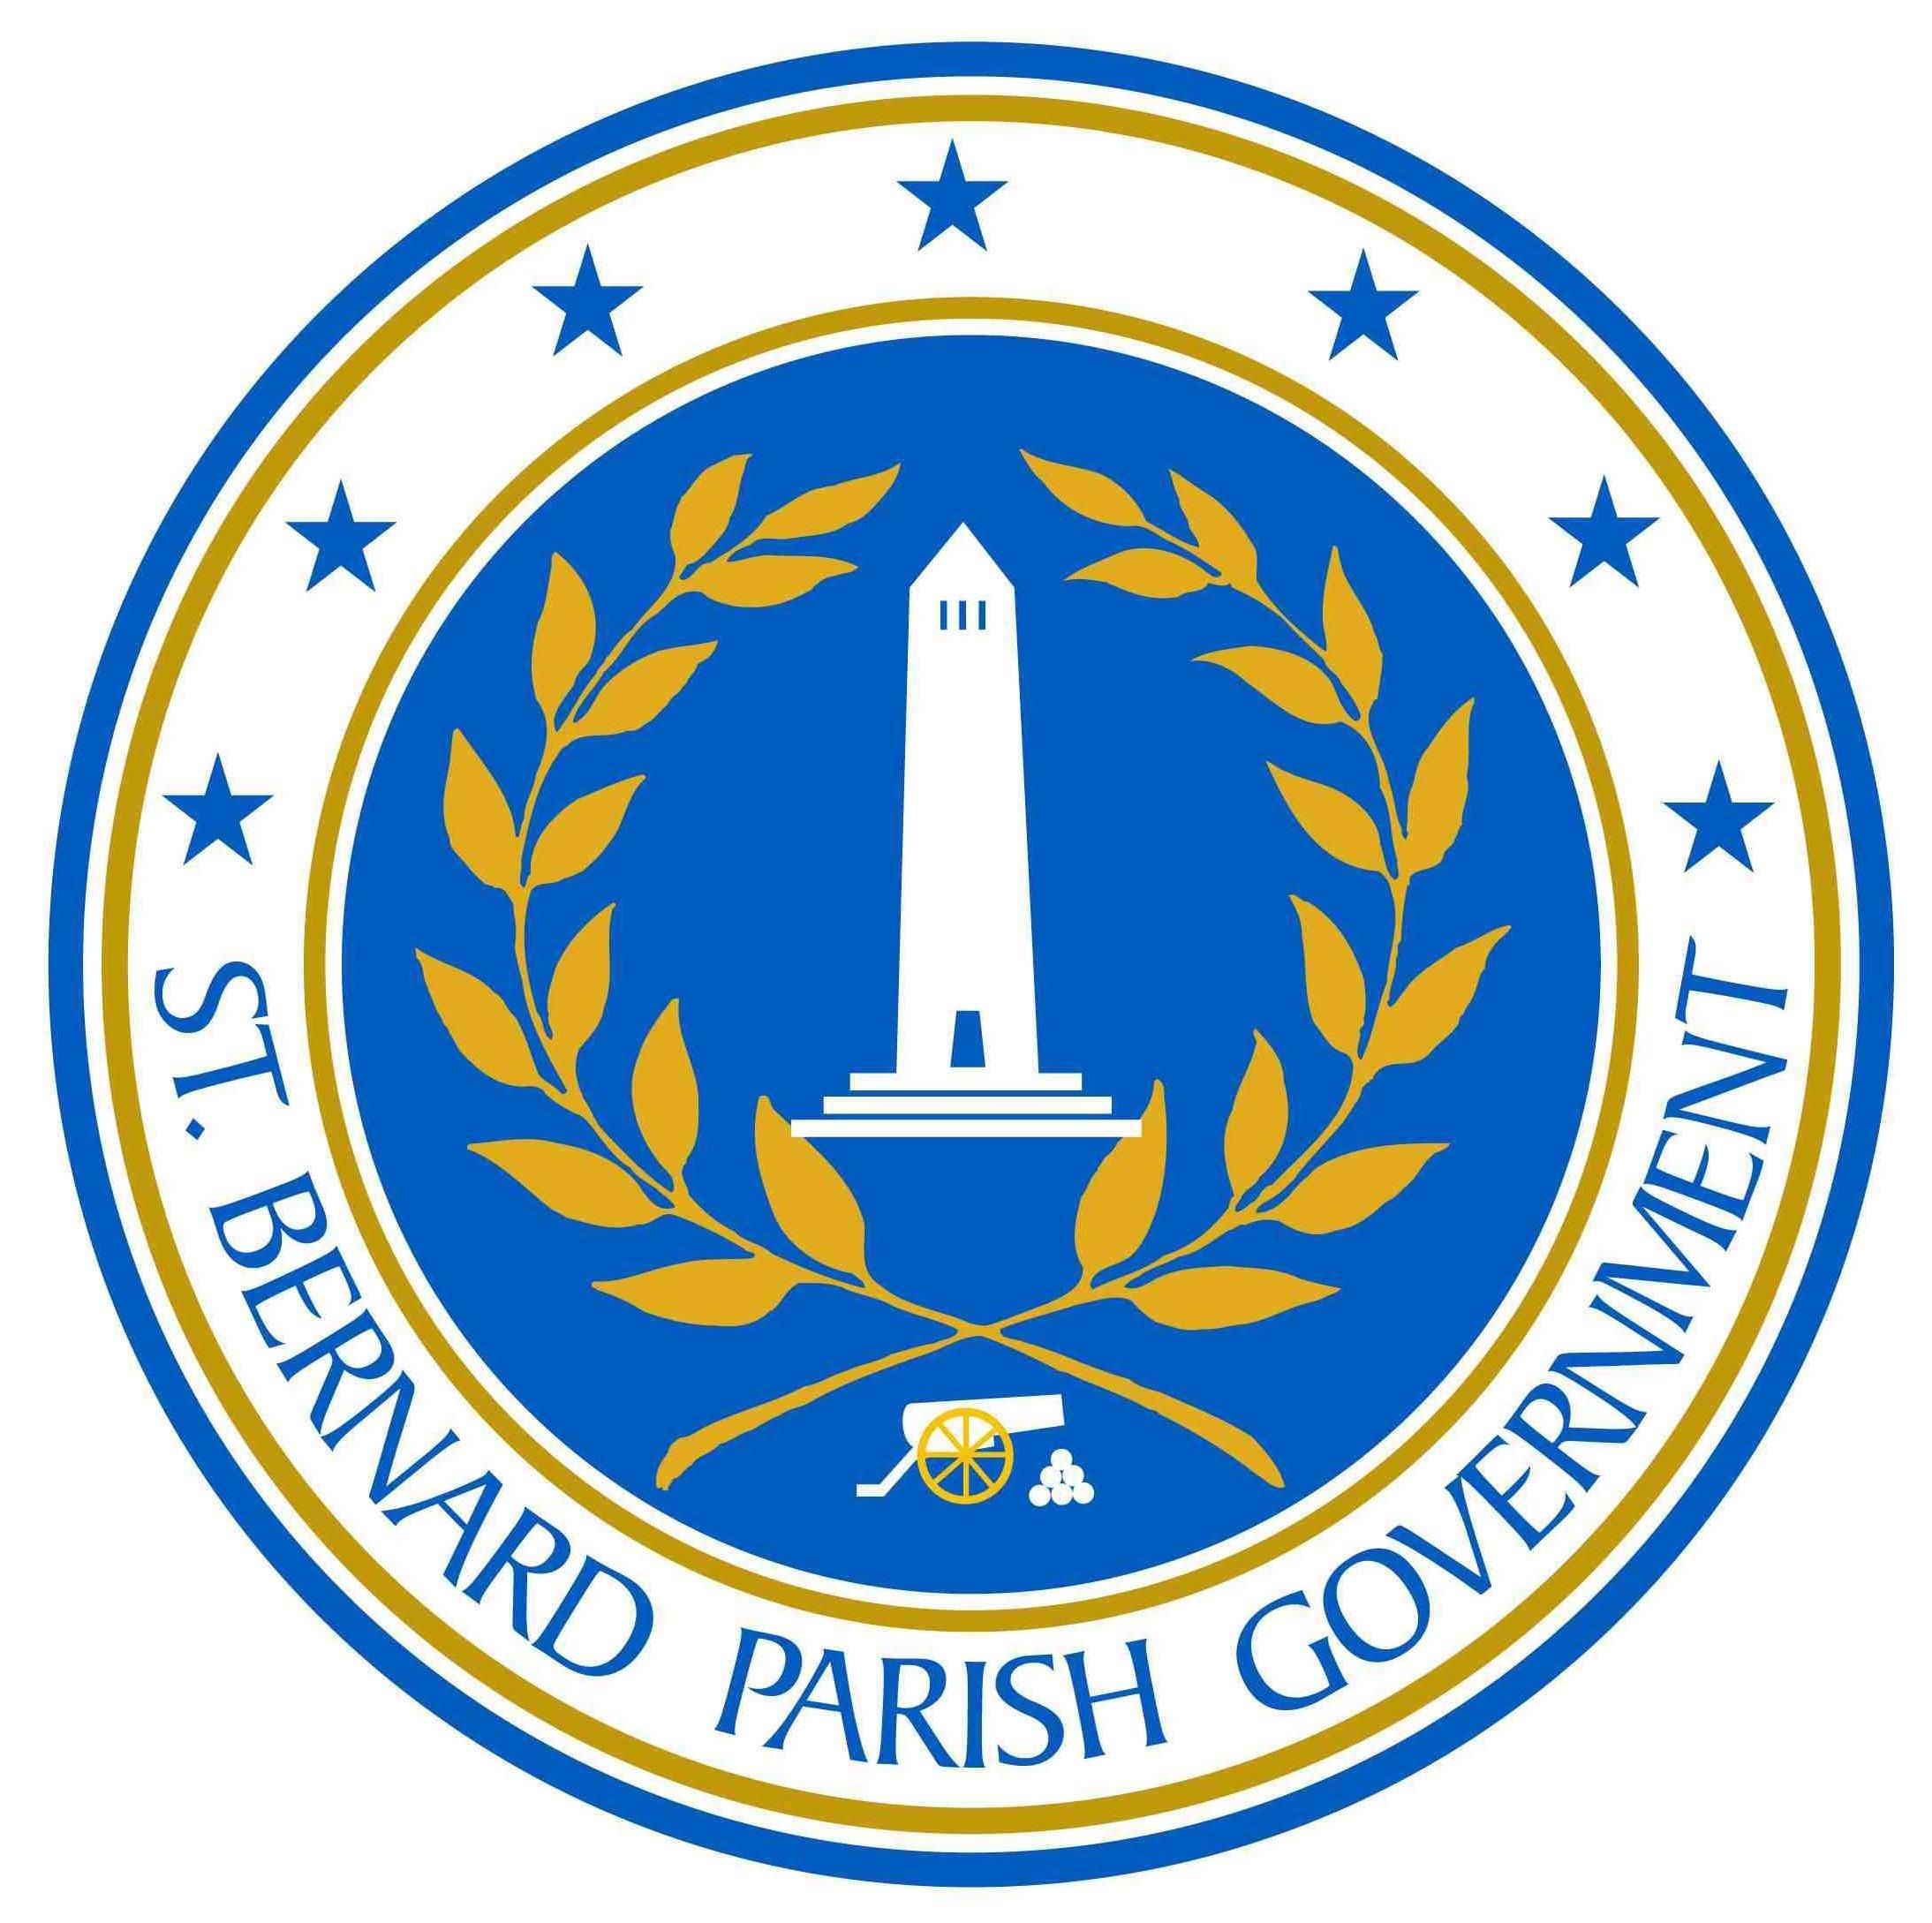 St  Bernard Parish online water bill payments and Recreation